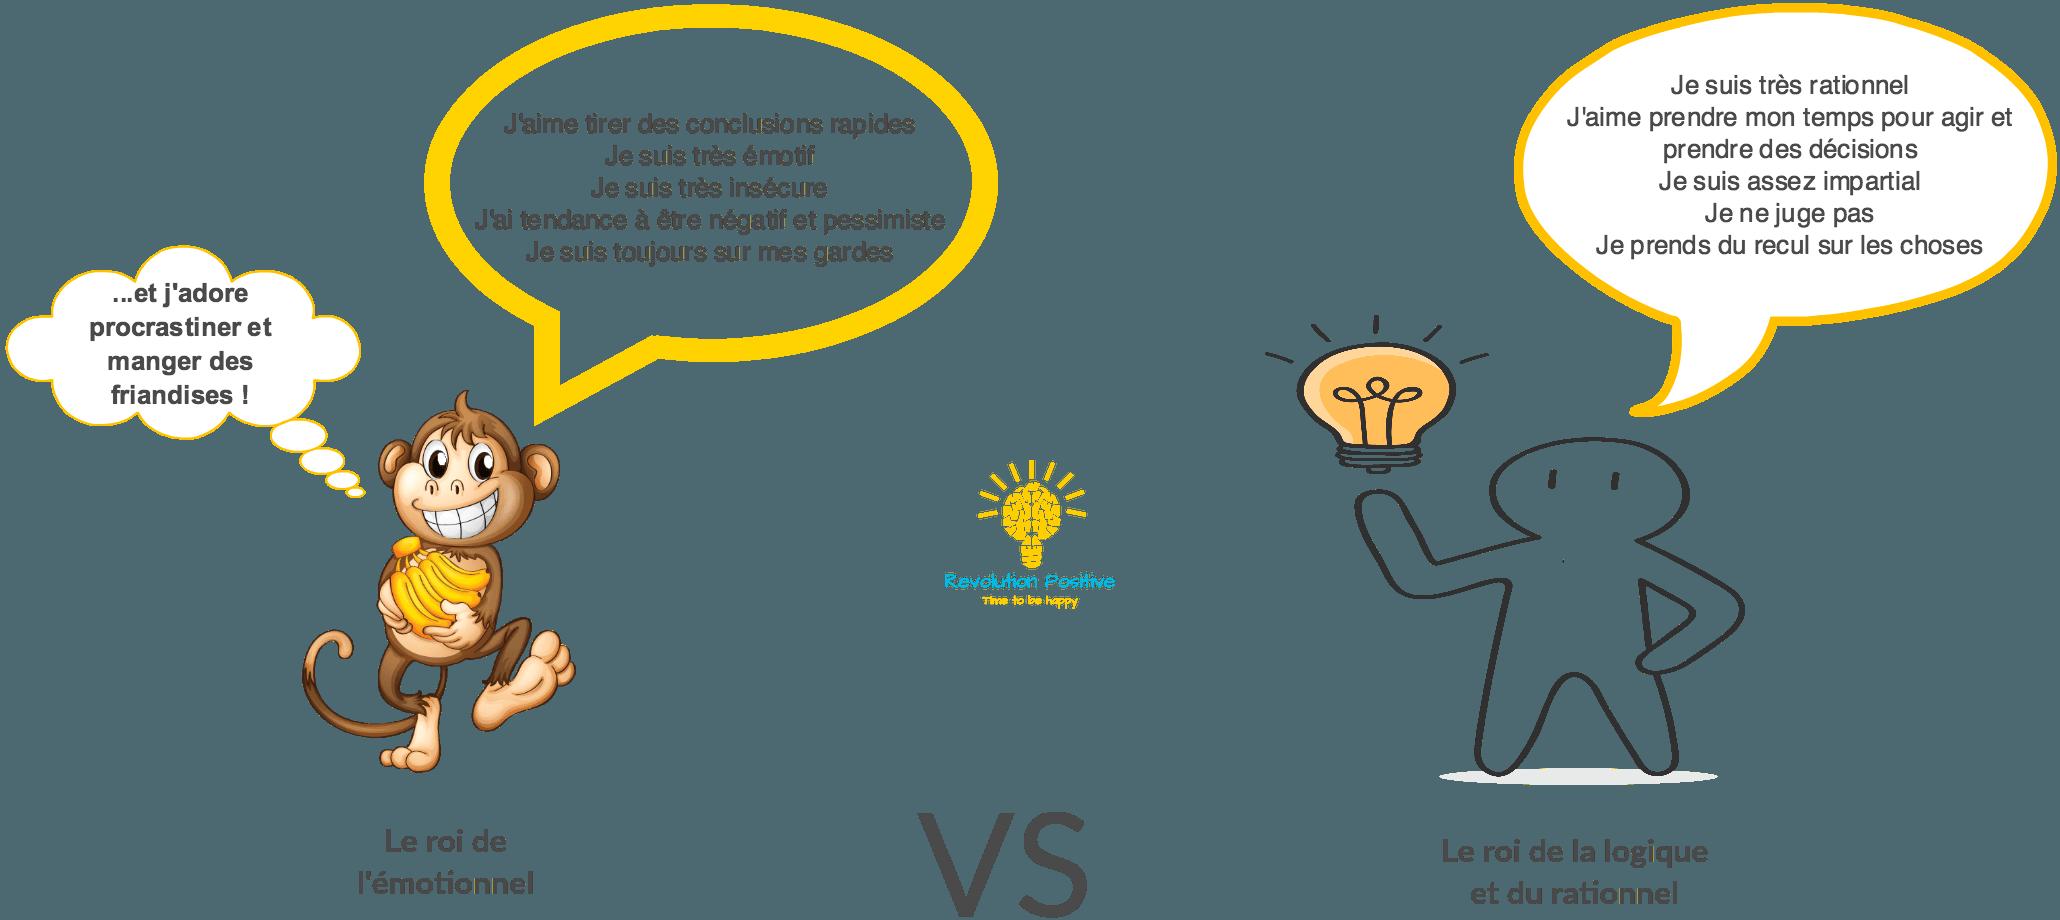 Le cerveau émotionnel versus le cerveau logique. Comment fonctionne les deux parties du cerveau ?